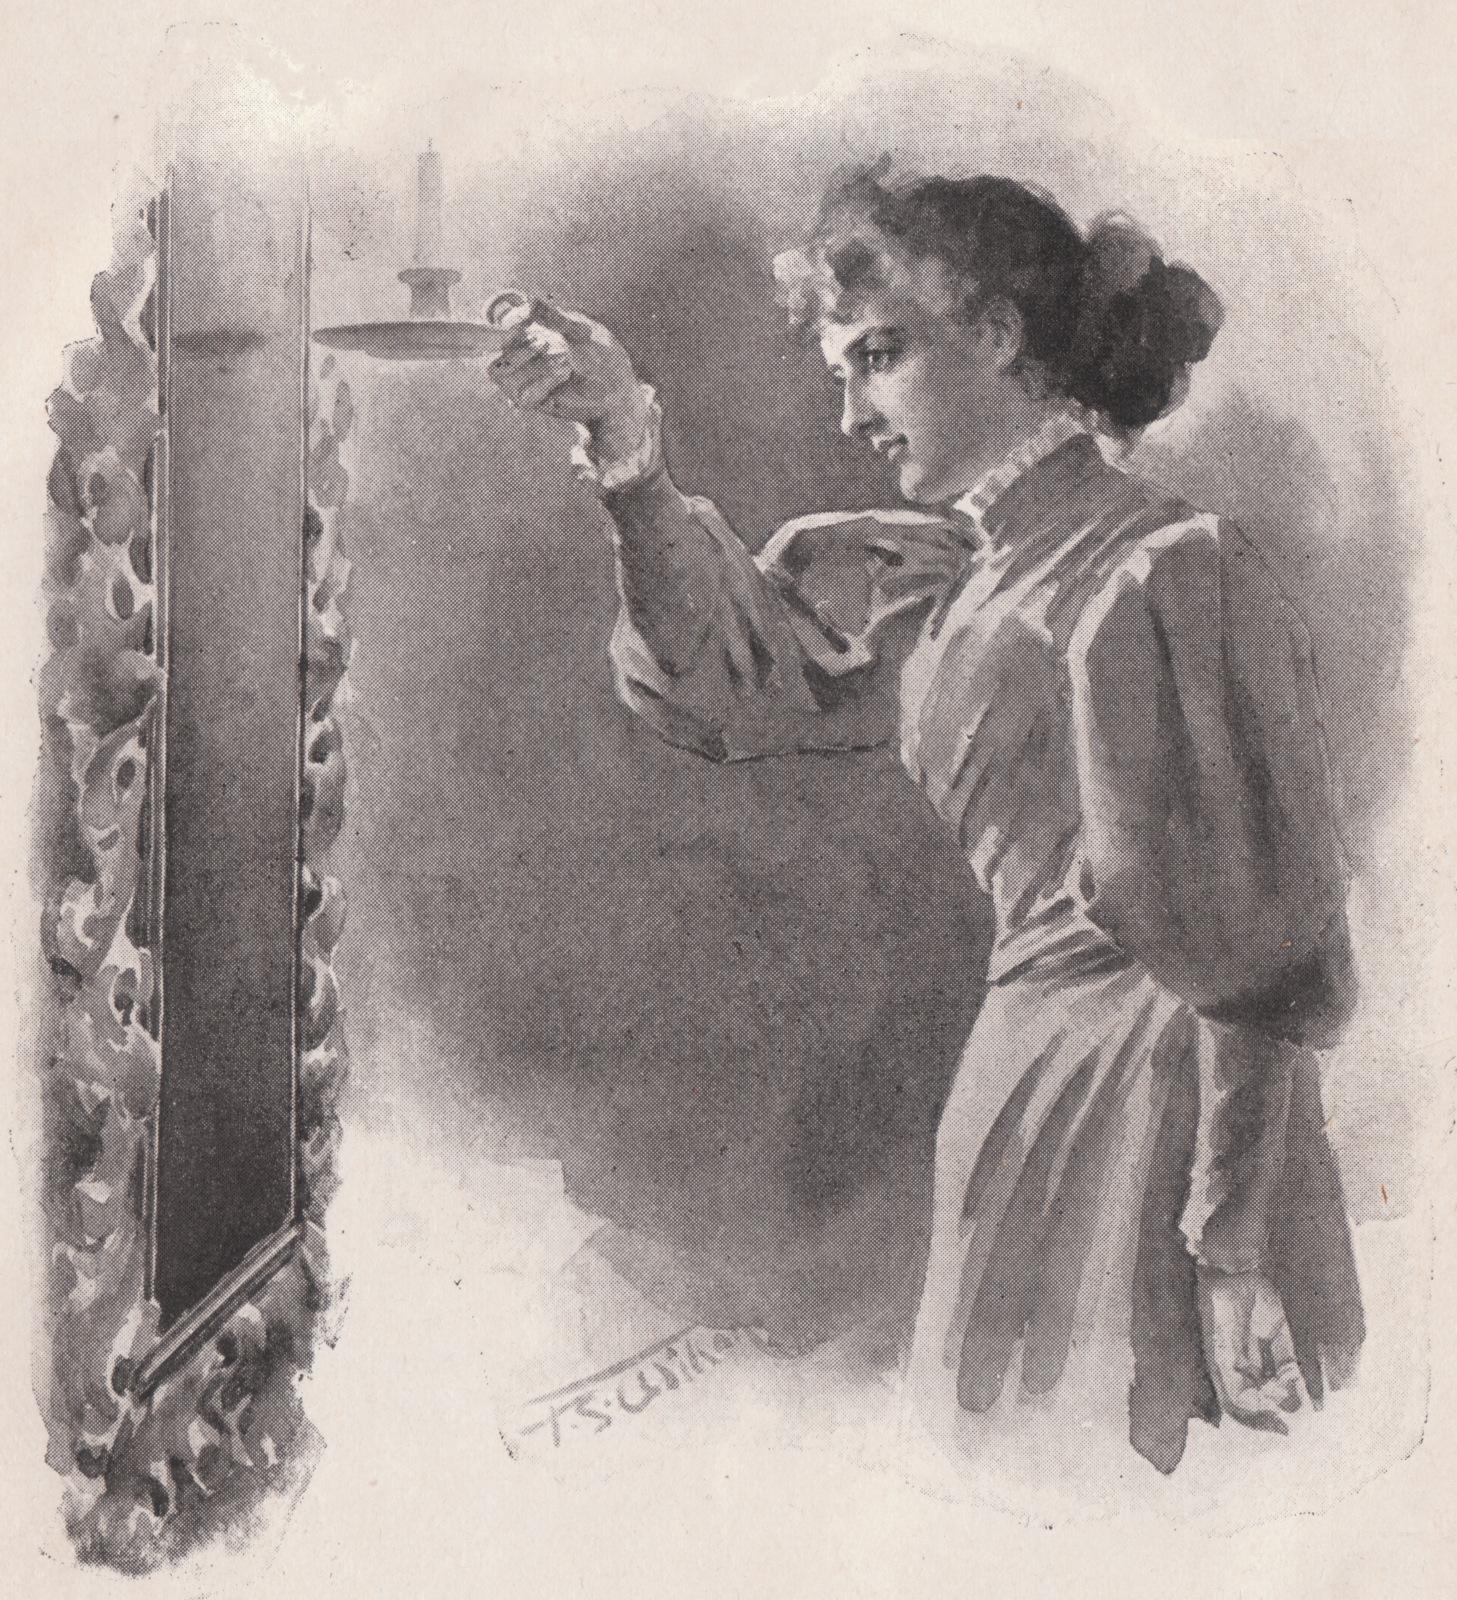 Joanhastelongmans1895frontispiece